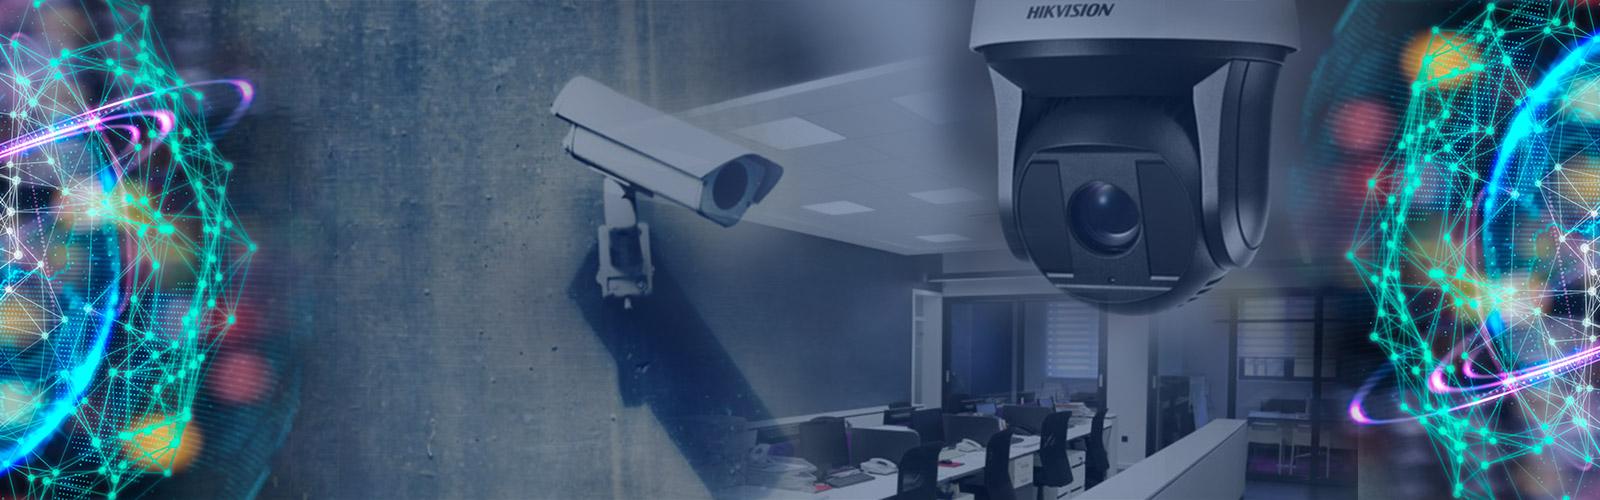 Seguridad y vigilancia mediante sistemas CCTV con cámaras.